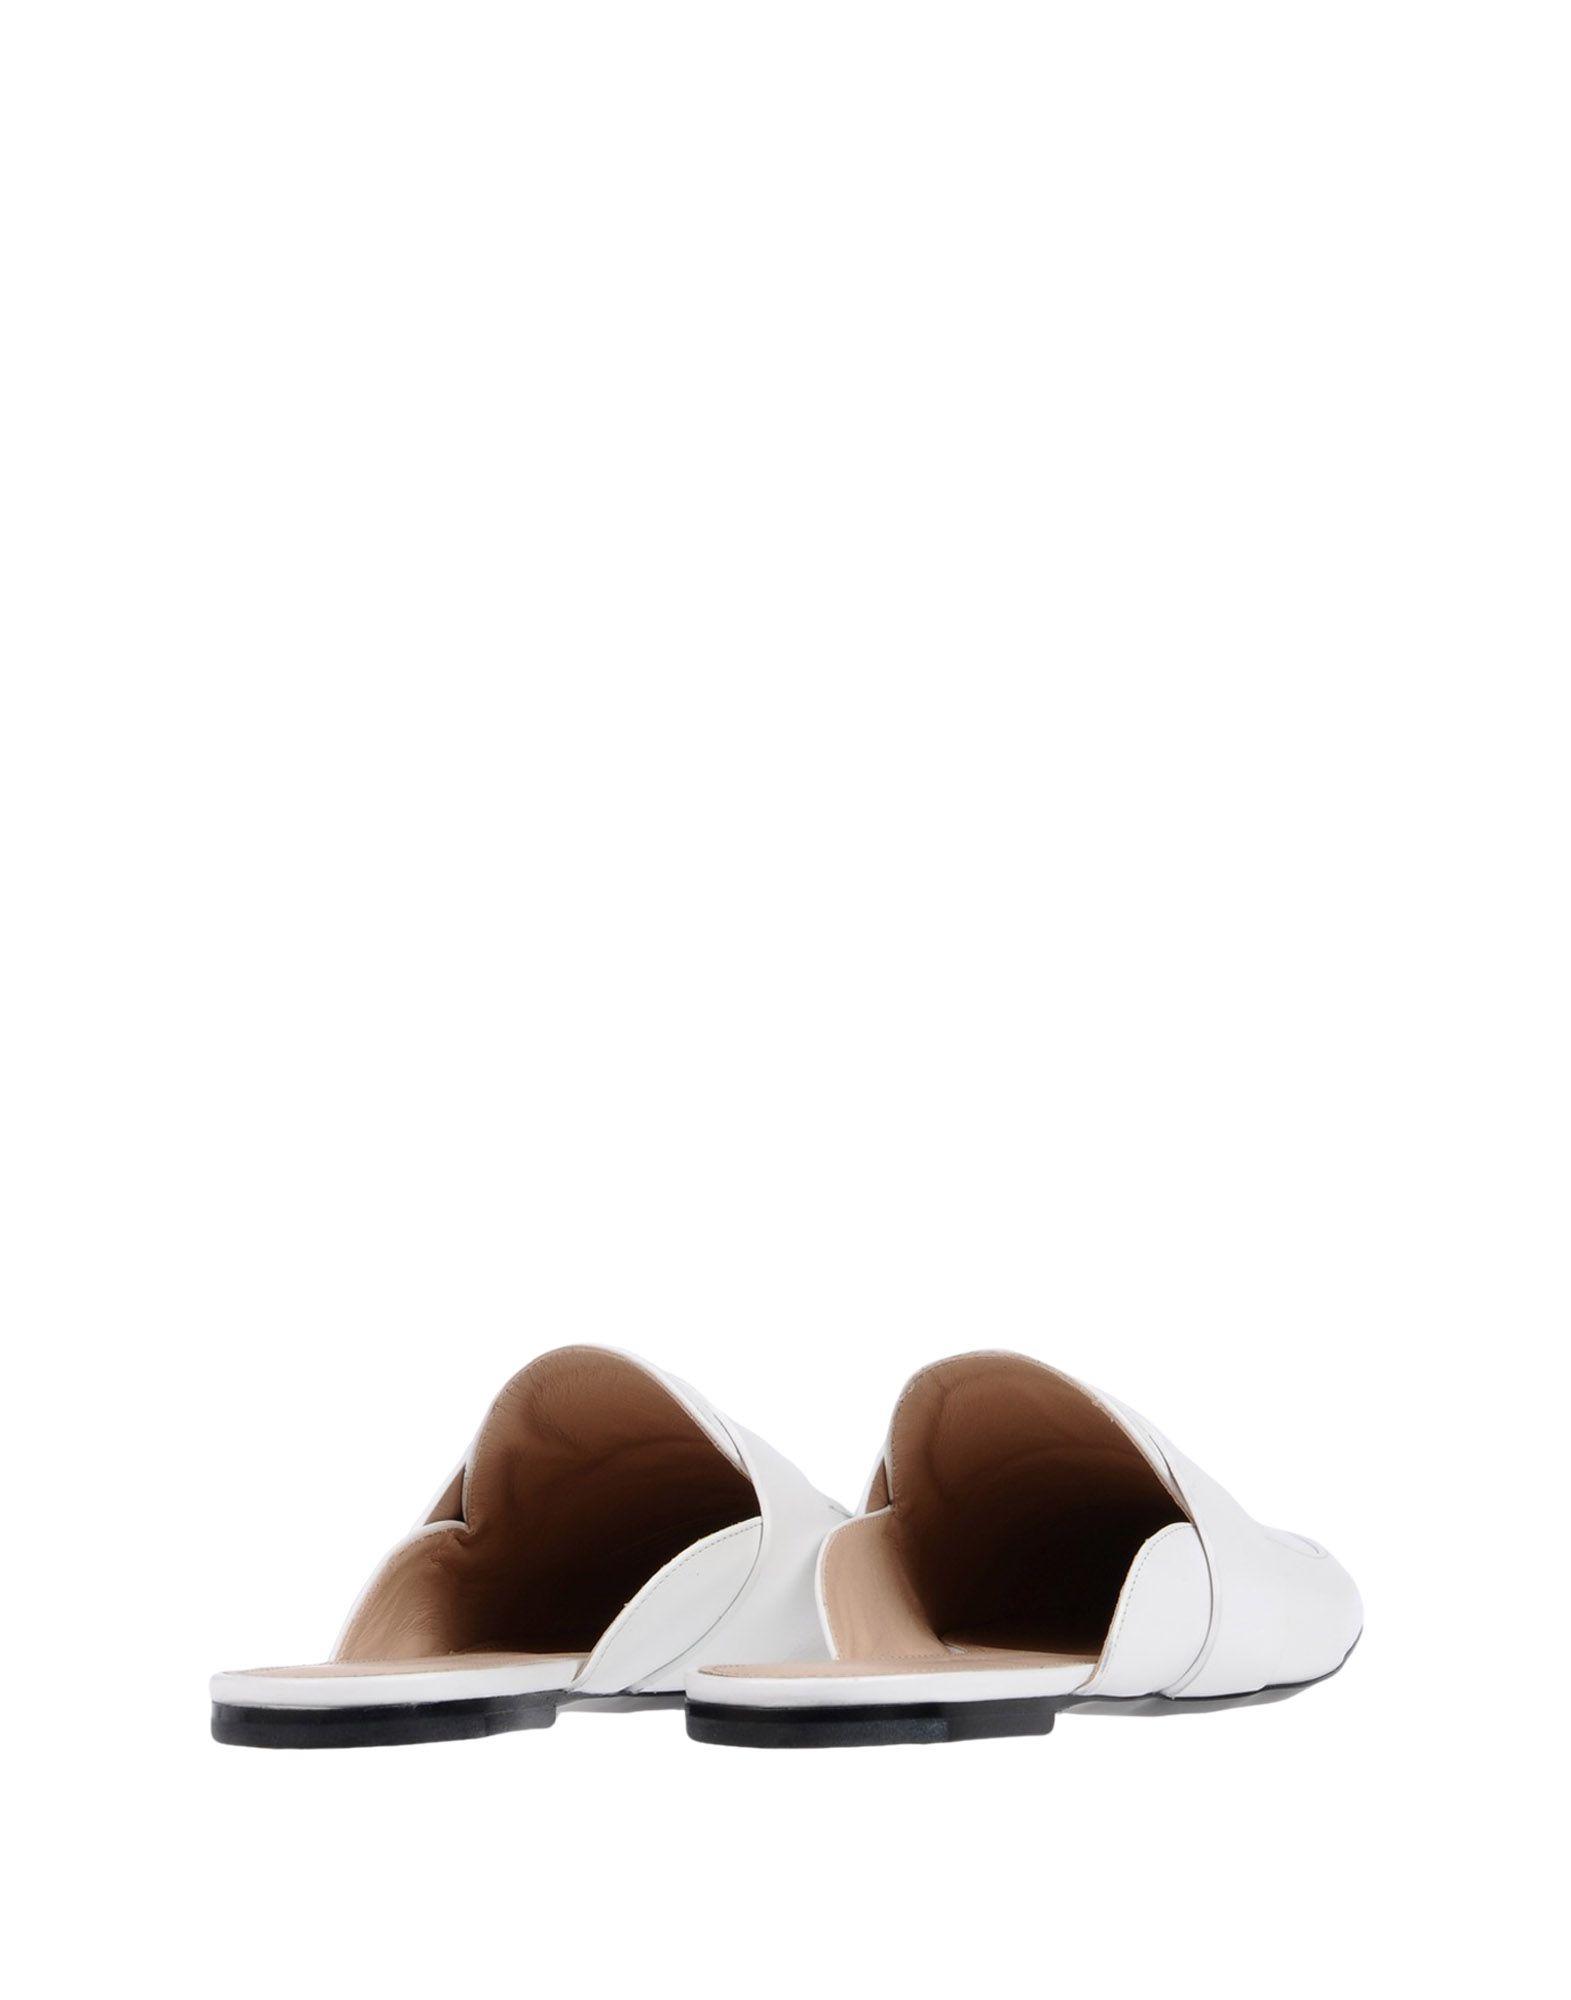 Rabatt Damen Schuhe Jil Sander Pantoletten Damen Rabatt  11424383OU 08e2af